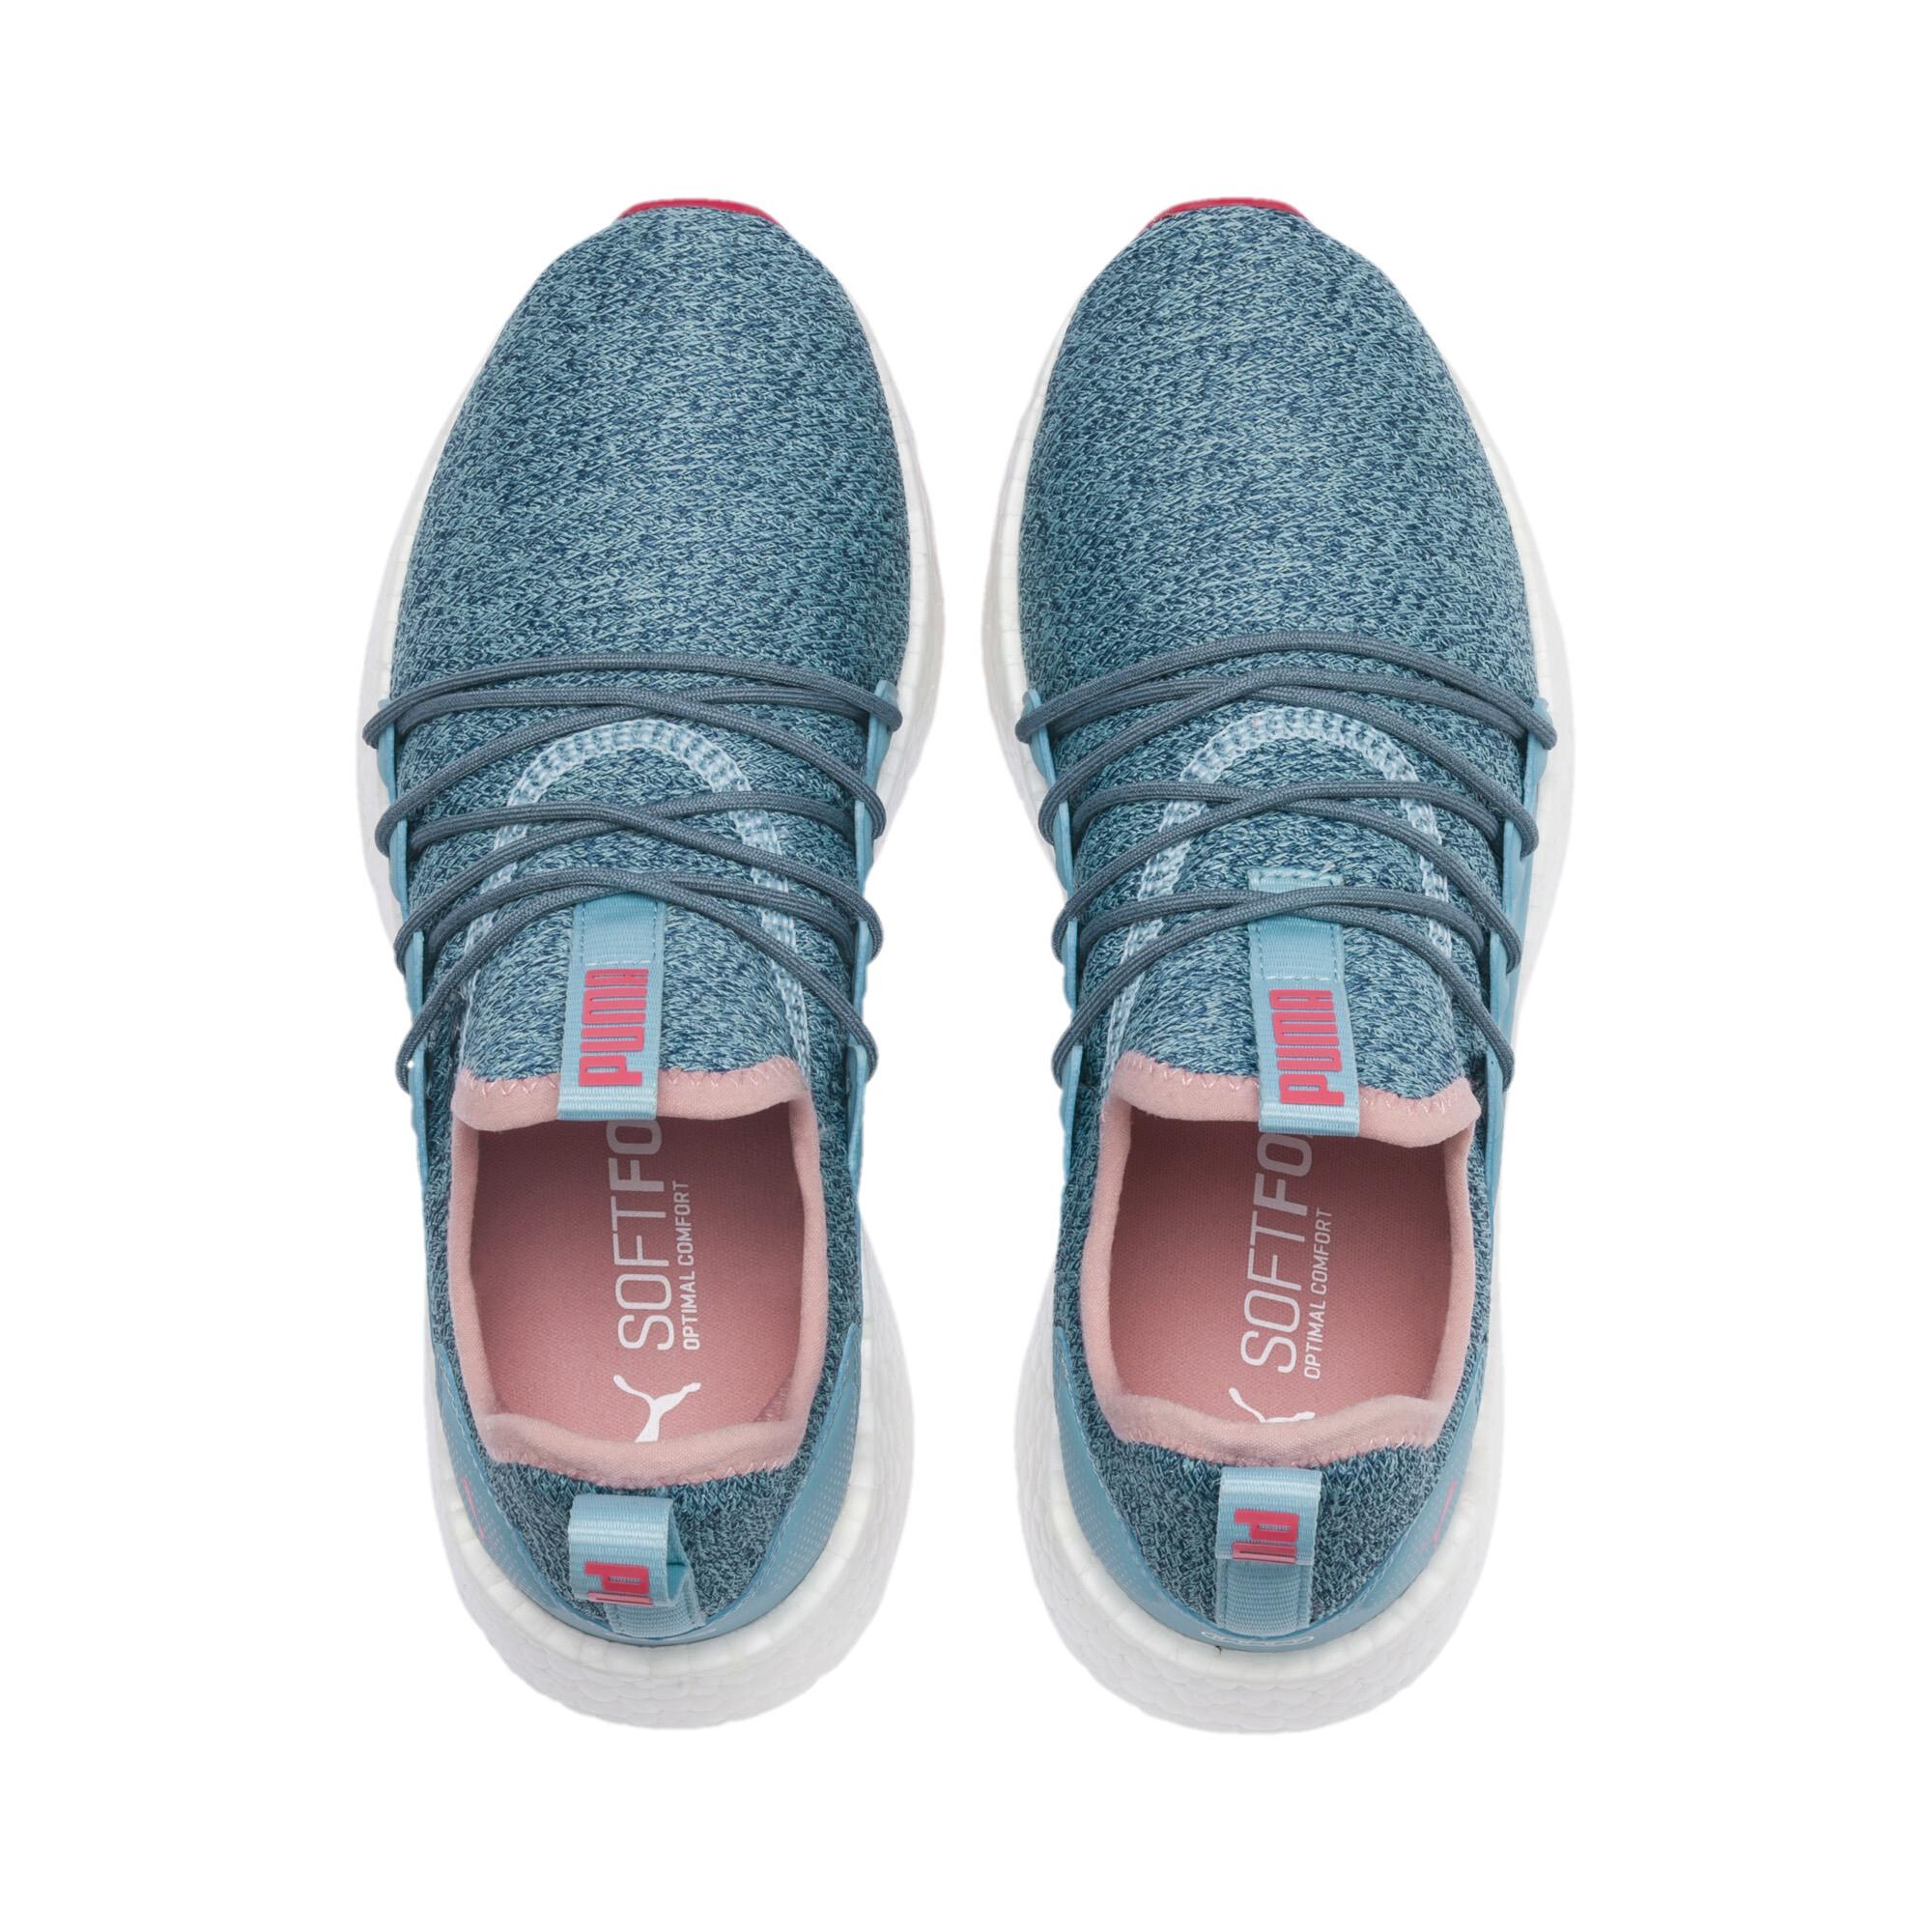 PUMA-Youth-NRGY-Neko-Knit-Running-Shoes thumbnail 19